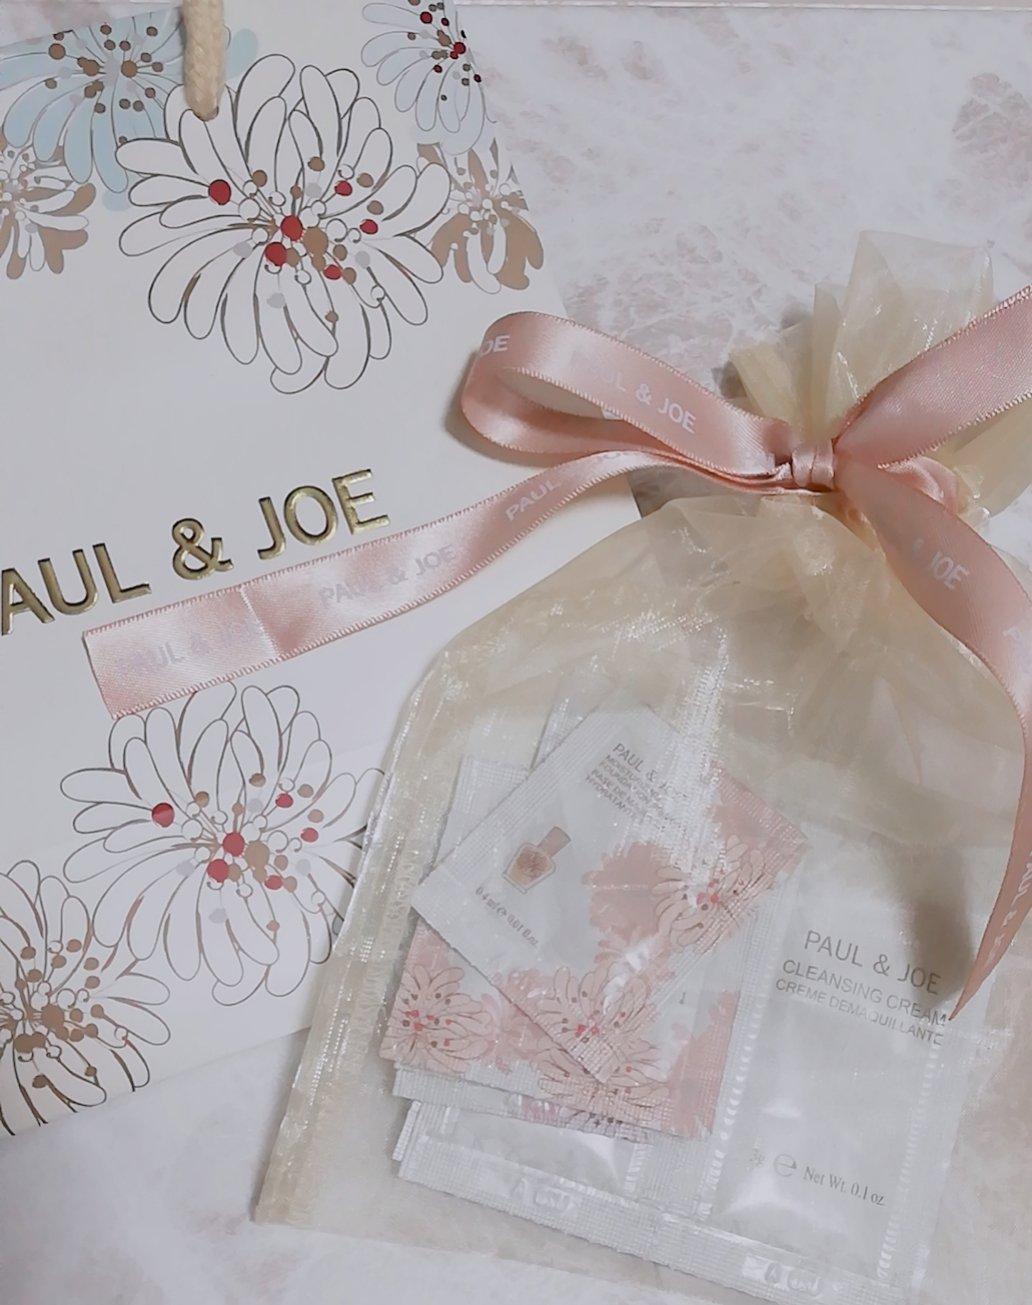 ポール&ジョー, PAUL&JOE,誕生日特典,